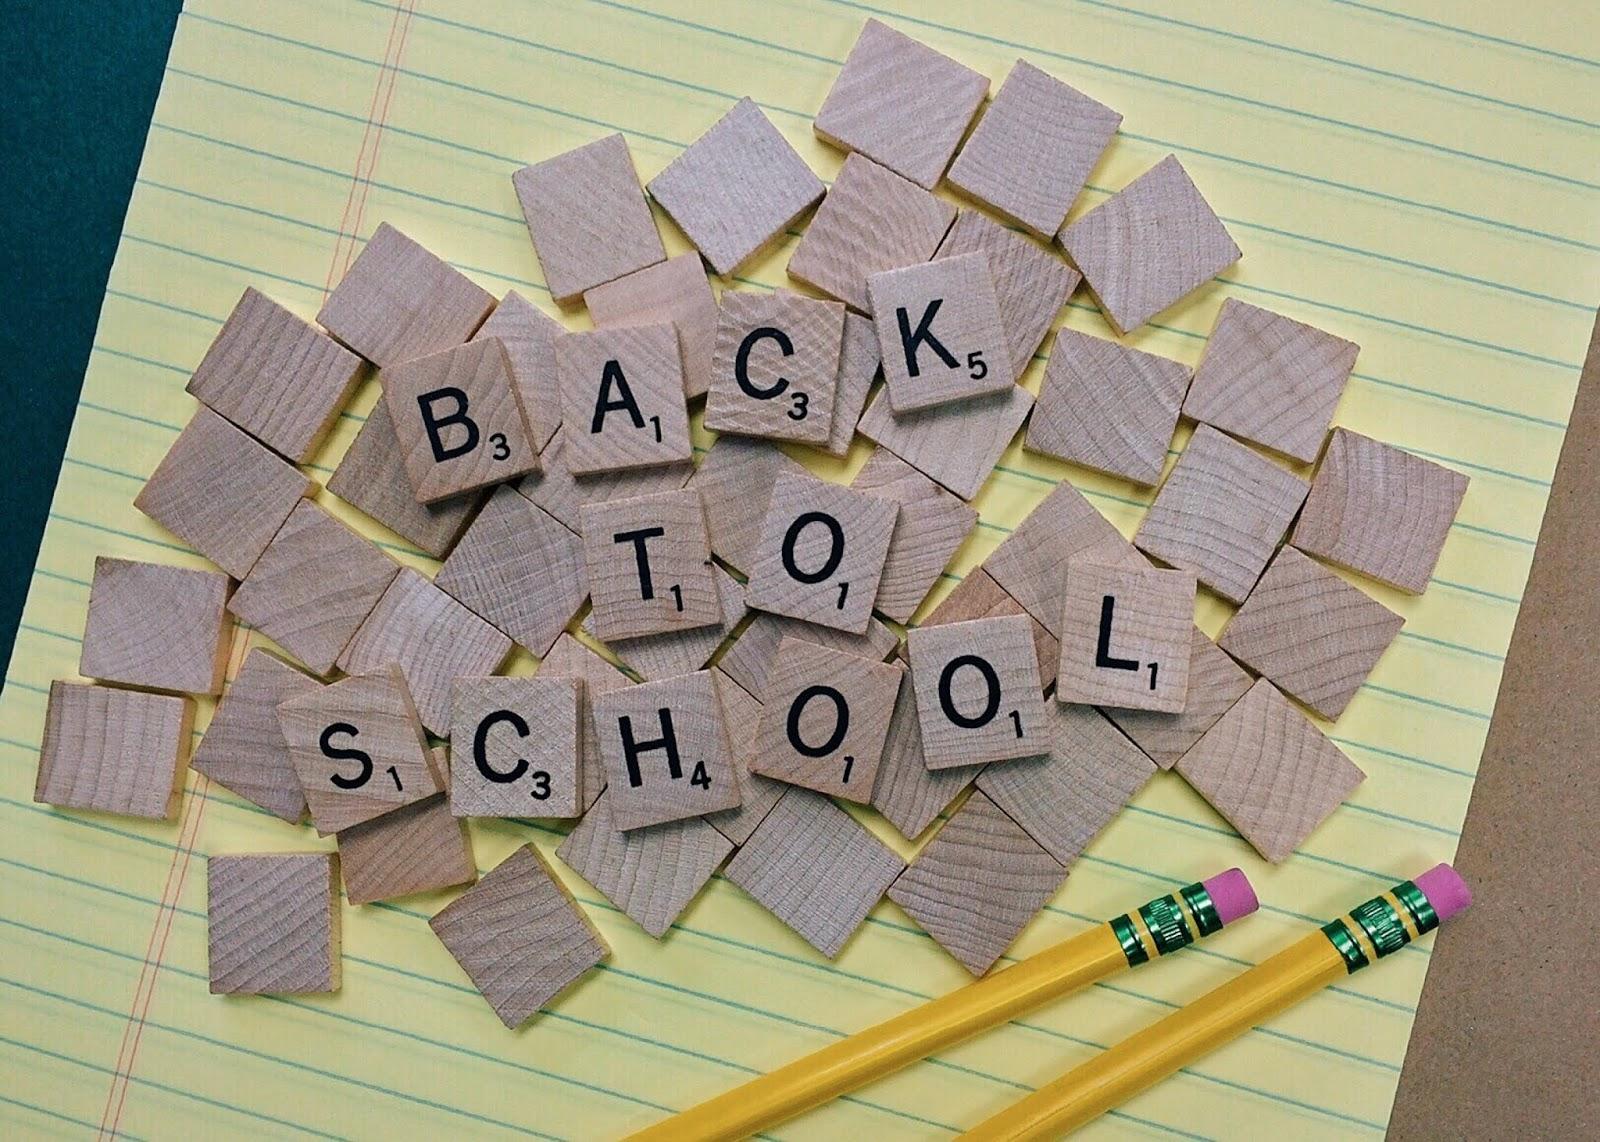 مشتريات المدرسة,المدرسة,العودة للمدرسة,مشتريات المدرسة 2020,السعودية,مشترياتي للمدرسة,العودة الى المدارس,العودة إلى المدارس,العودة للمدارس,مشترياتي المدرسية,تحدي,للمدرسة,مشتريات,تحديات,بنات,التعليم,العودة الى المدرسة,الامارات,العودة,العودة إلى المدرسة